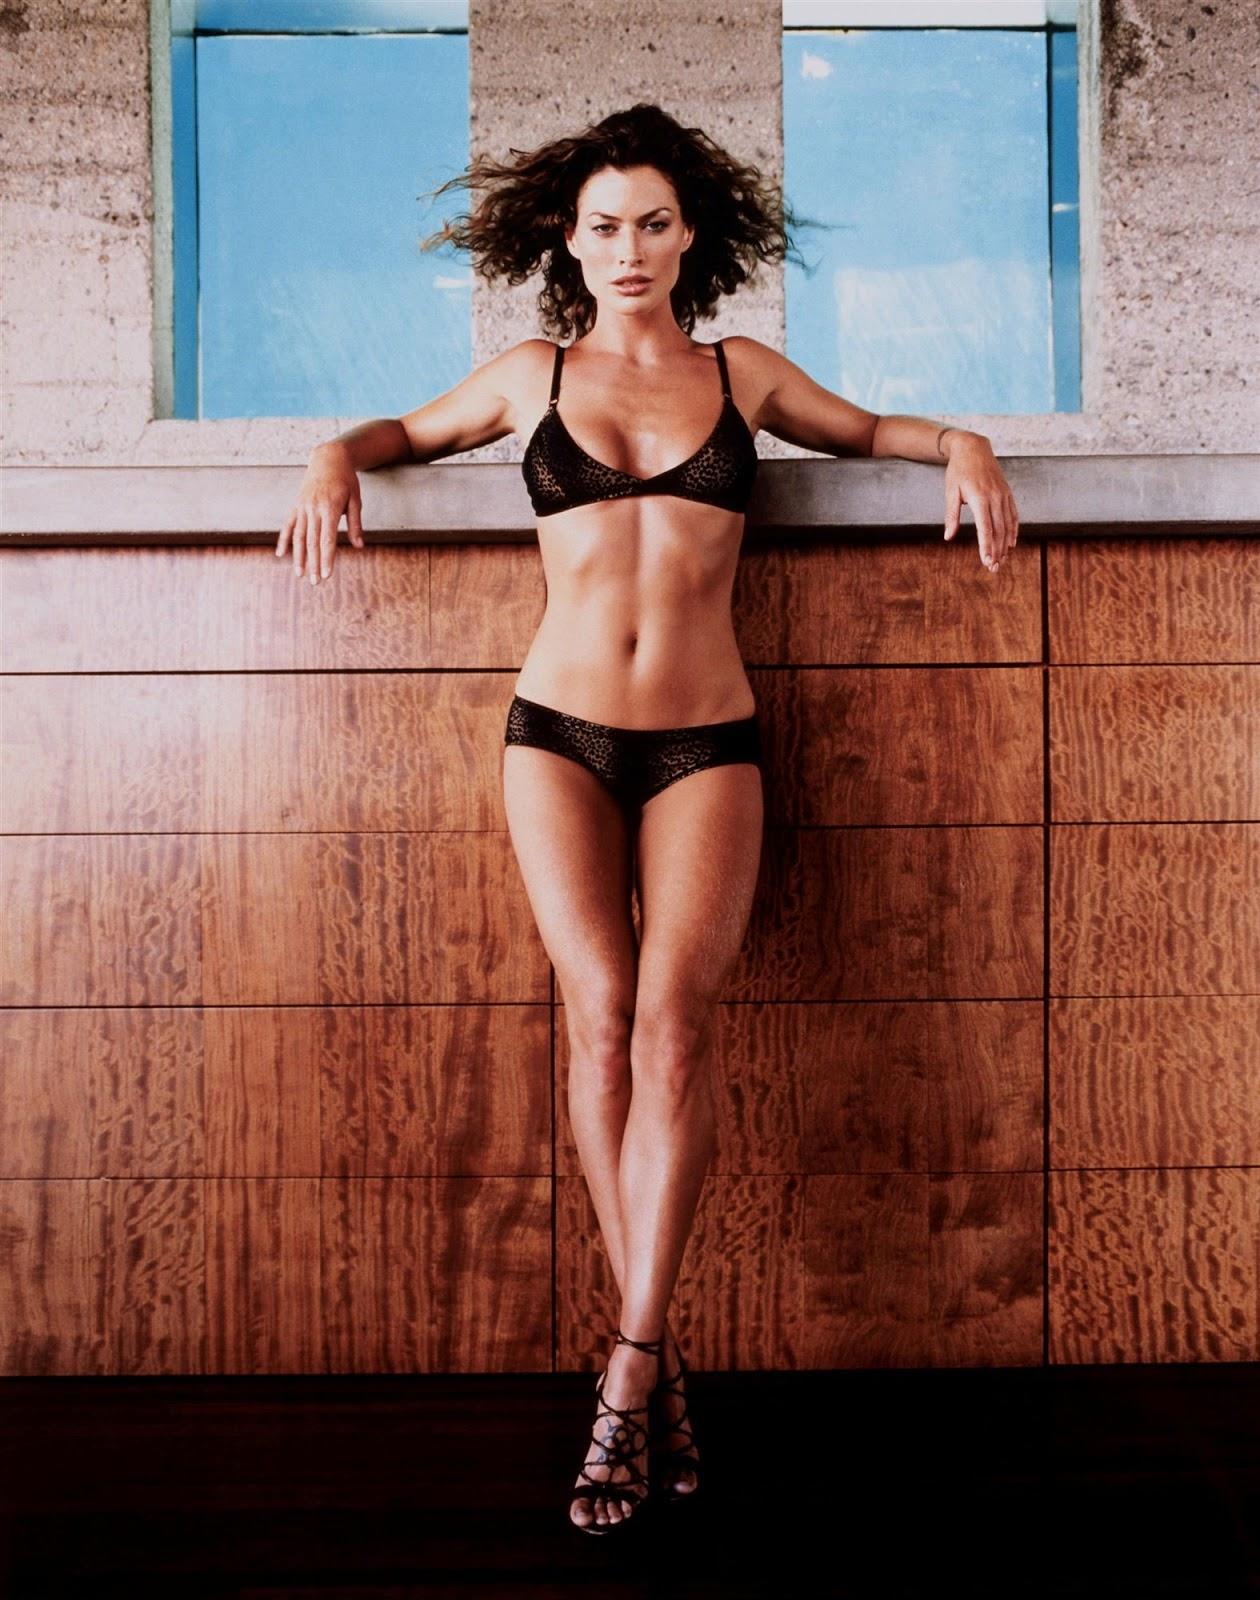 http://4.bp.blogspot.com/-b-86lL6kktw/TnNJSqX2LkI/AAAAAAAAA4M/WQURWwGVGGY/s1600/Carre-Otis-in-hot-bikini-6.jpg